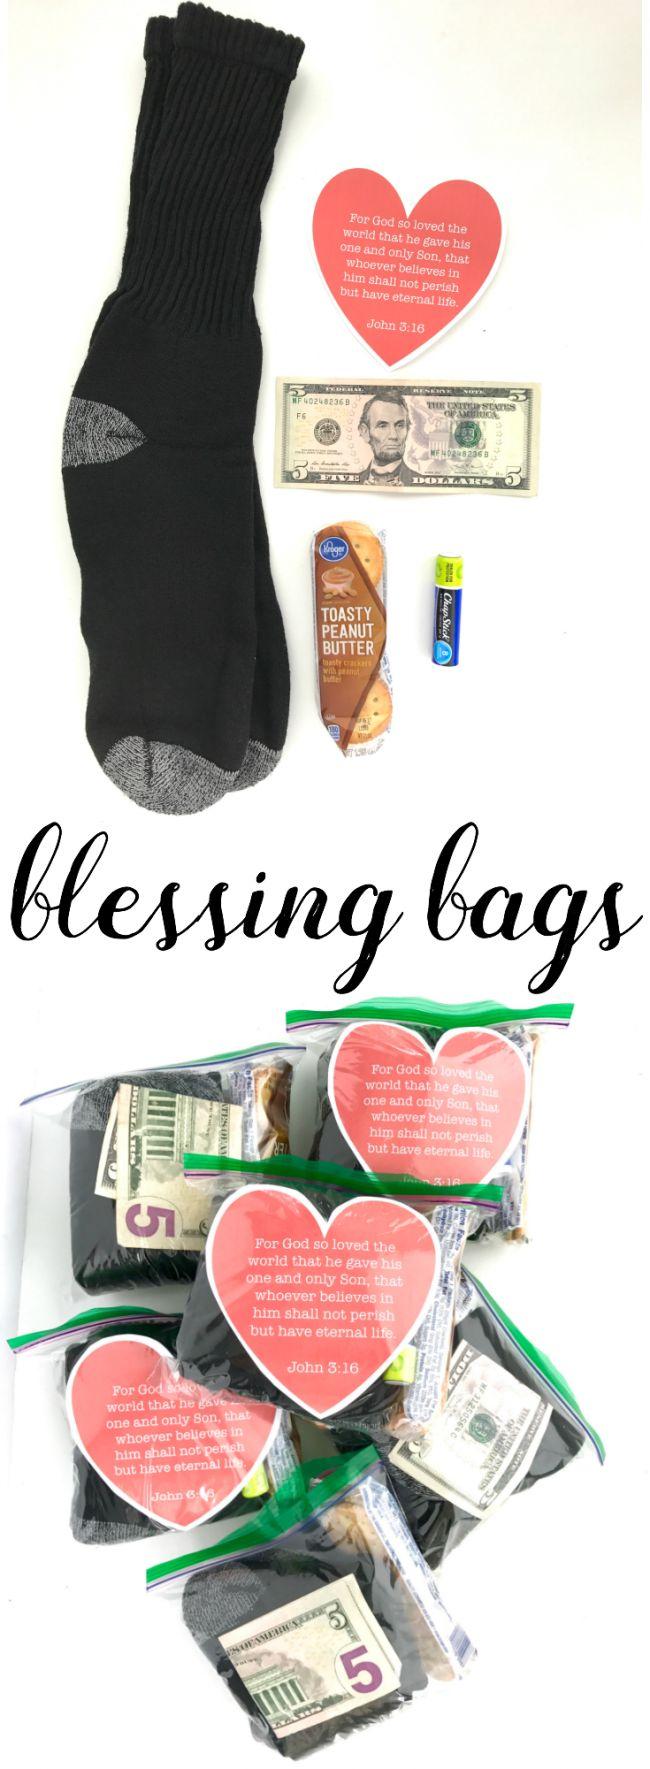 38 best Homeless images on Pinterest | Blessing bags, Homeless ...